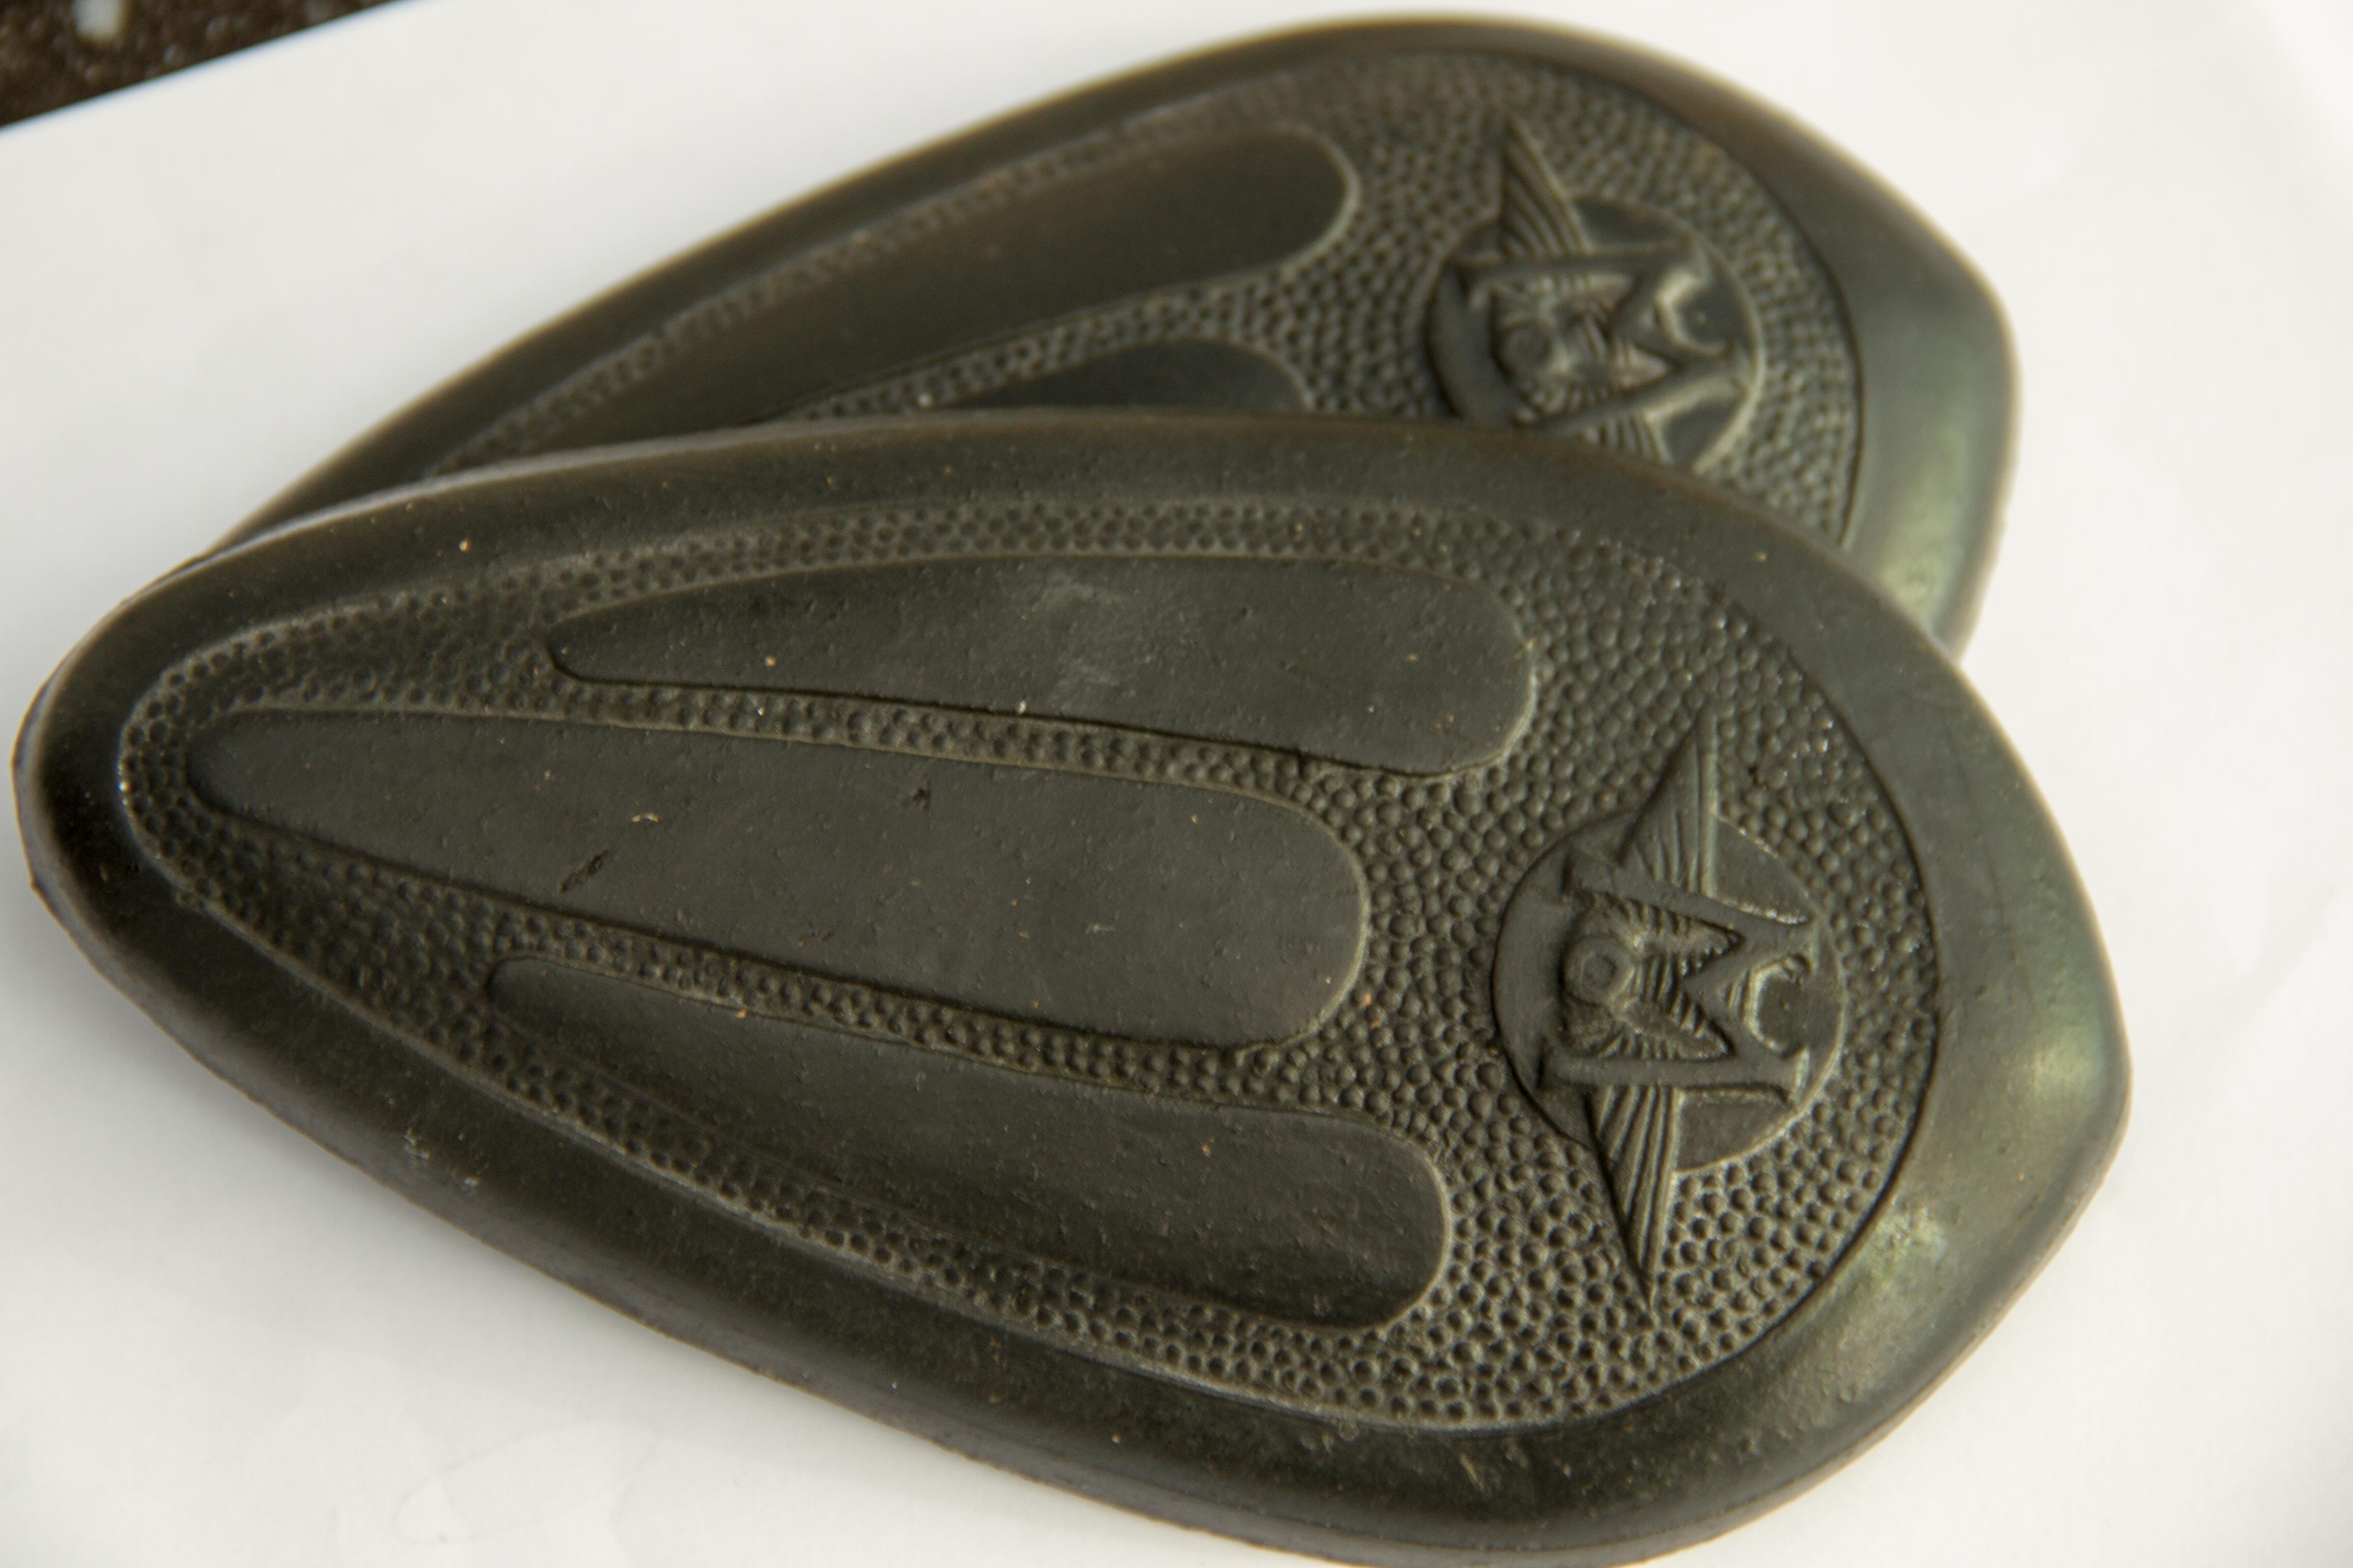 Kniestukken voor de Motobecane z56C